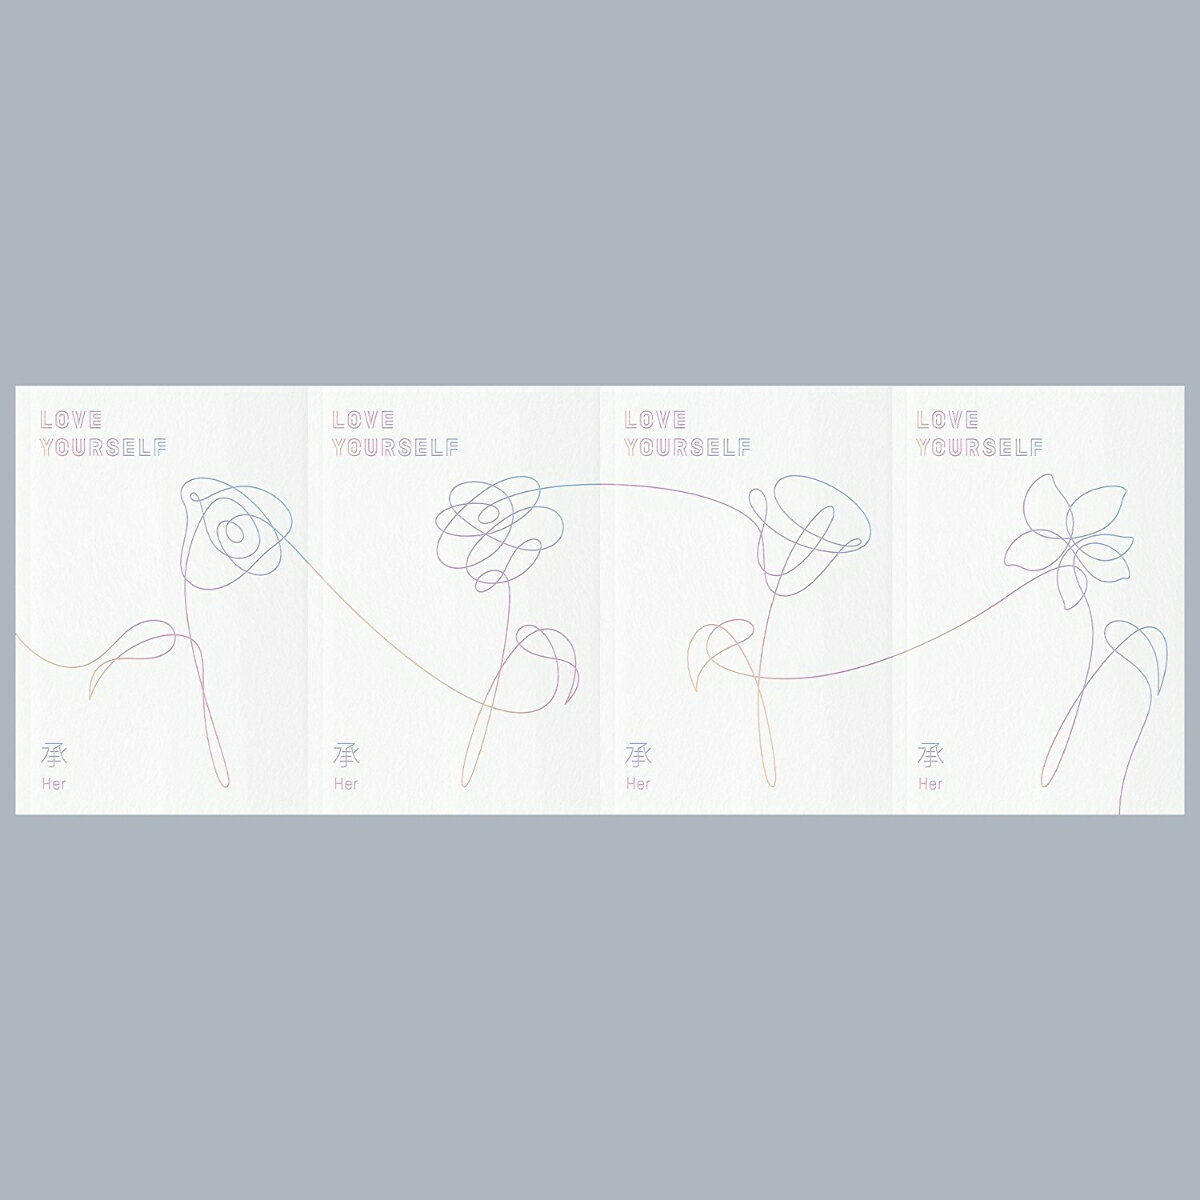 【輸入盤】5th Mini Album: LOVE YOURSELF 承 'Her' (ランダム・バージョン) [ BTS (防弾少年団) ]